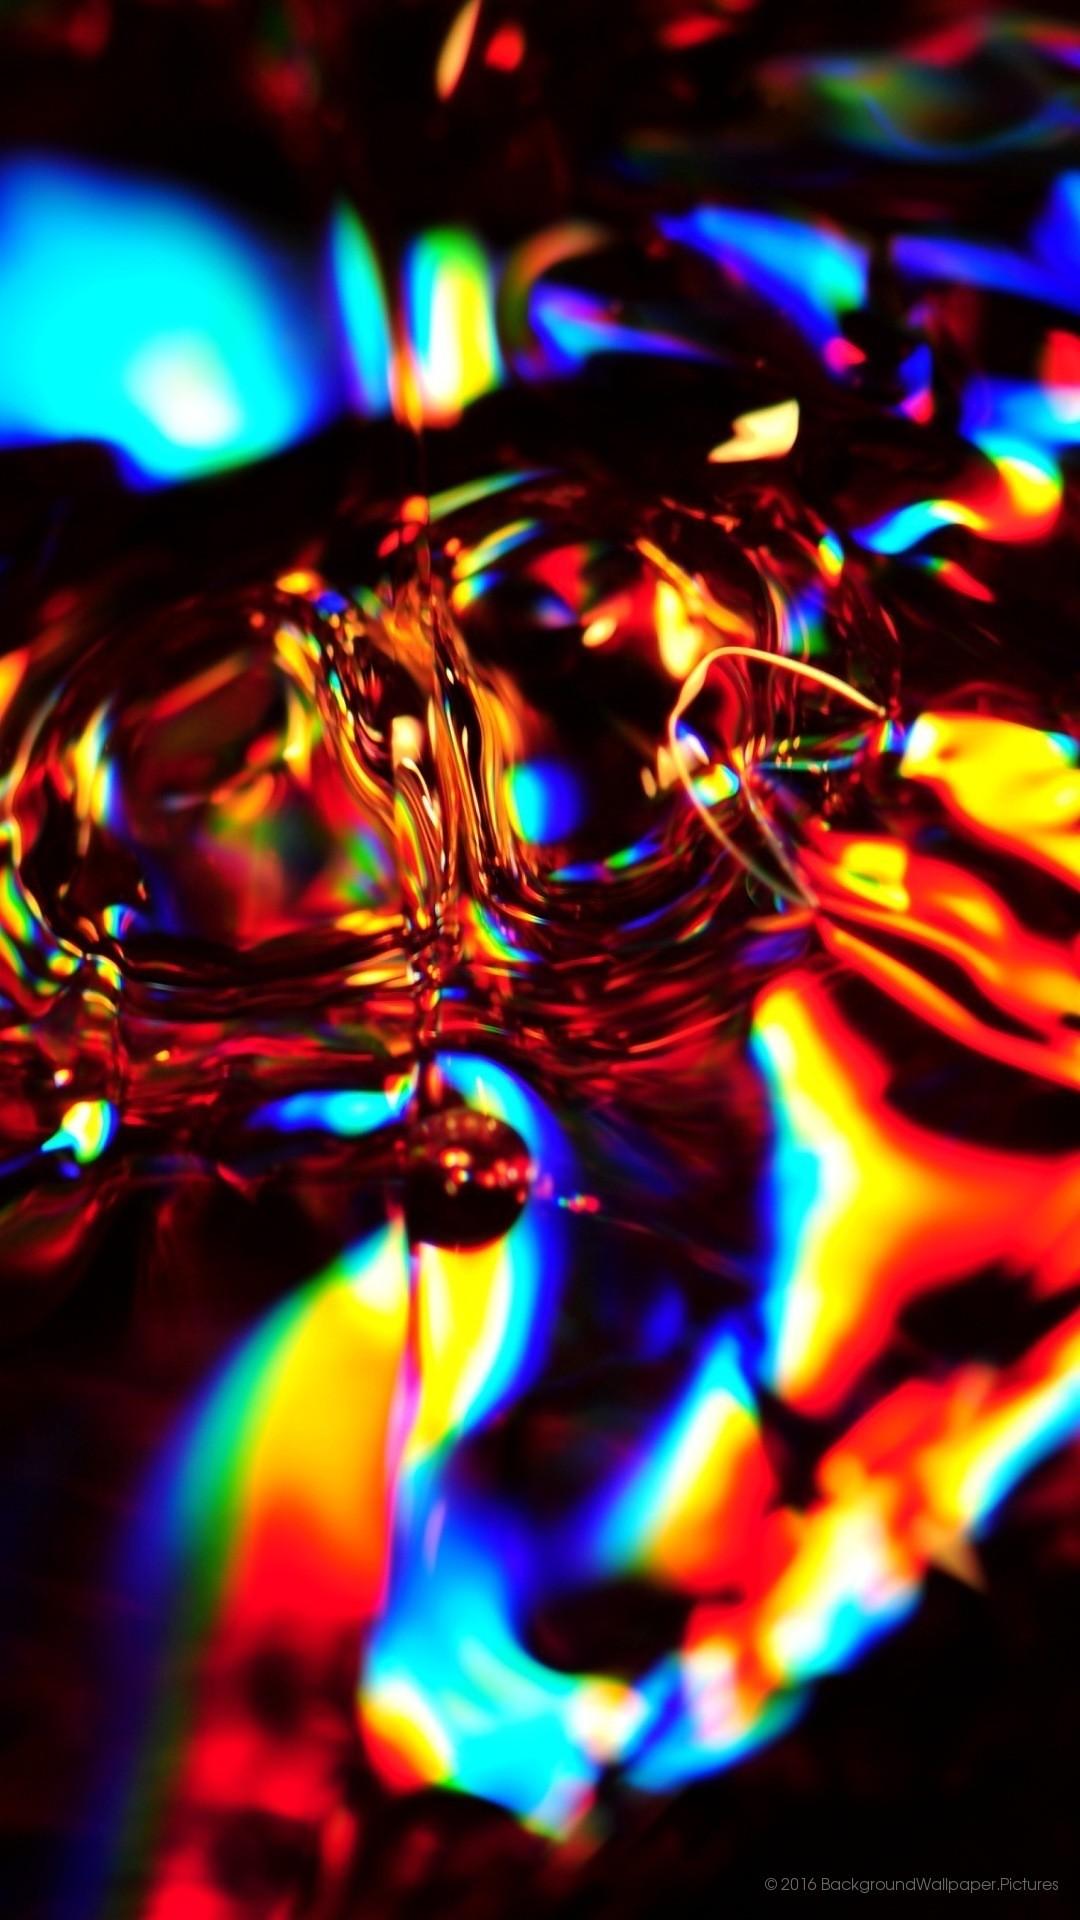 Sfondi full hd desktop colori 84 immagini for Sfondi cellulare full hd